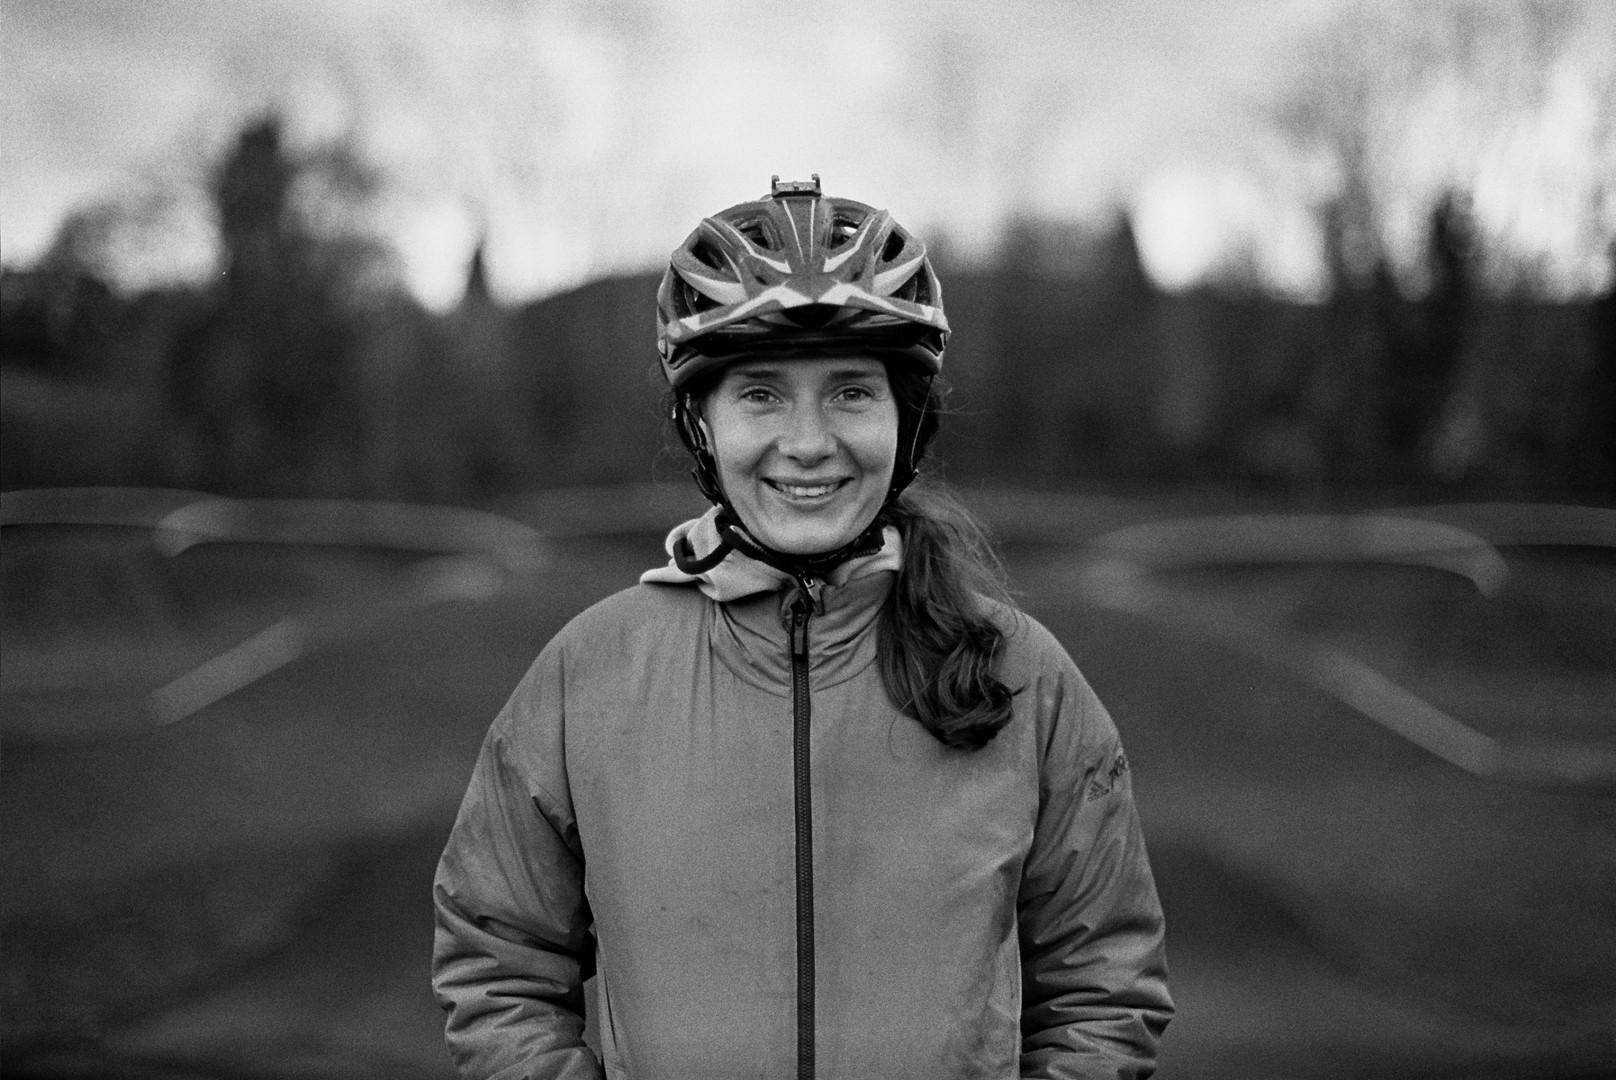 Manon Carpenter